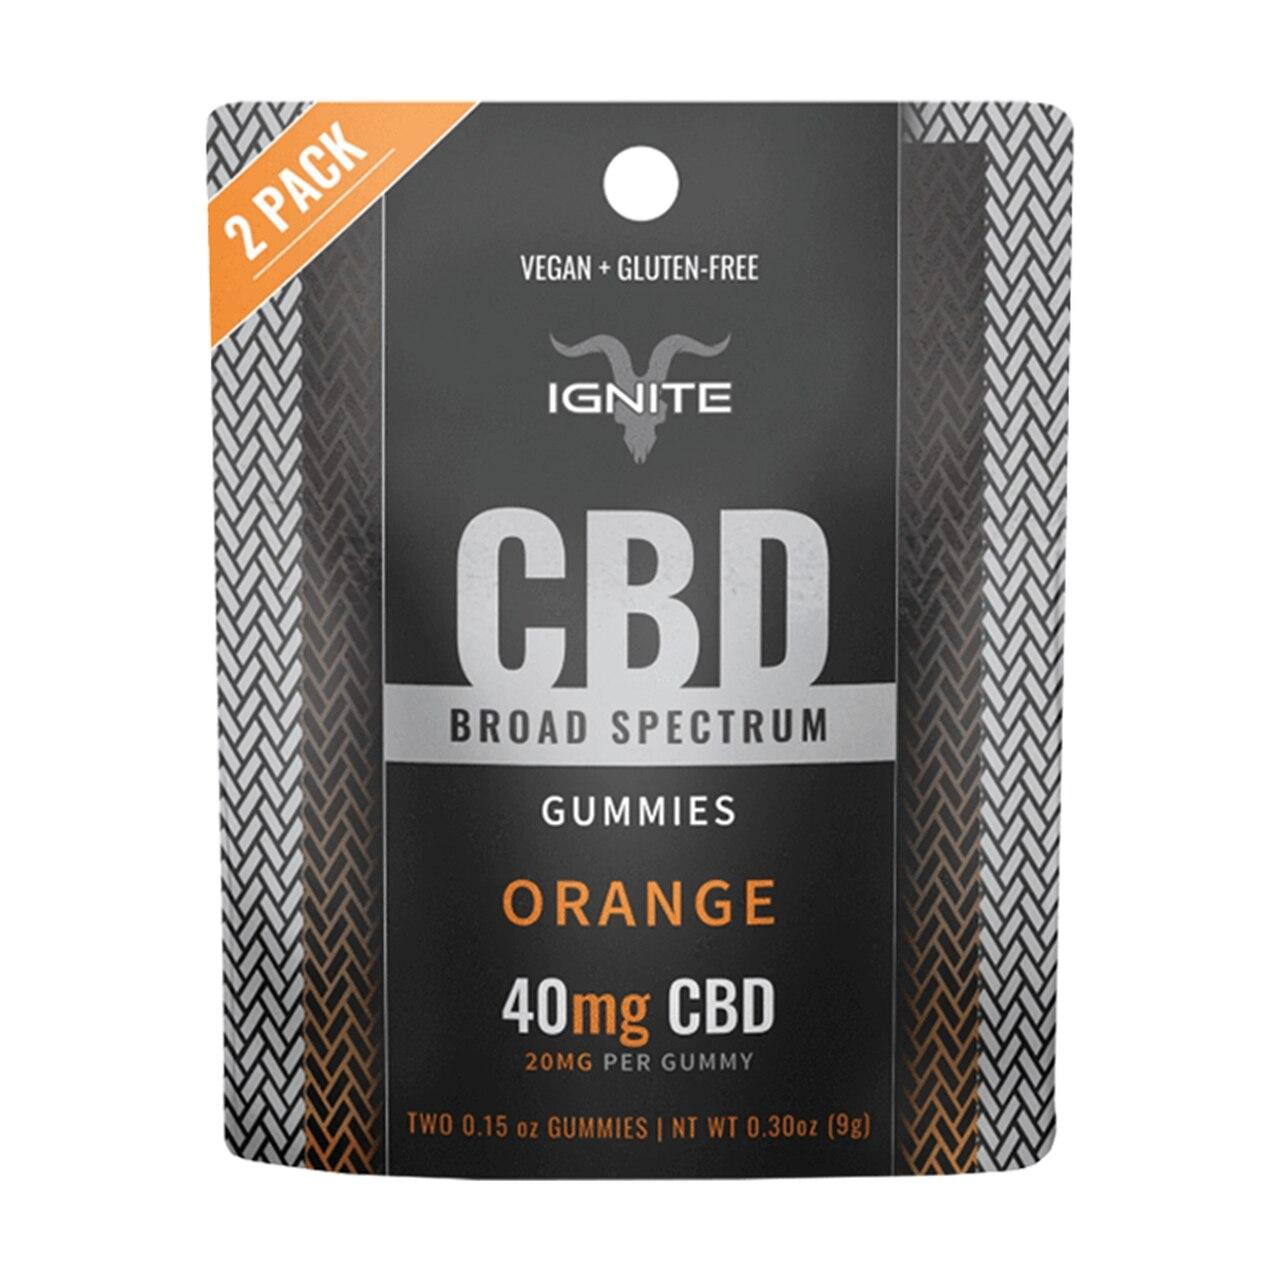 Ignite CBD Broad-Spectrum CBD Gummies